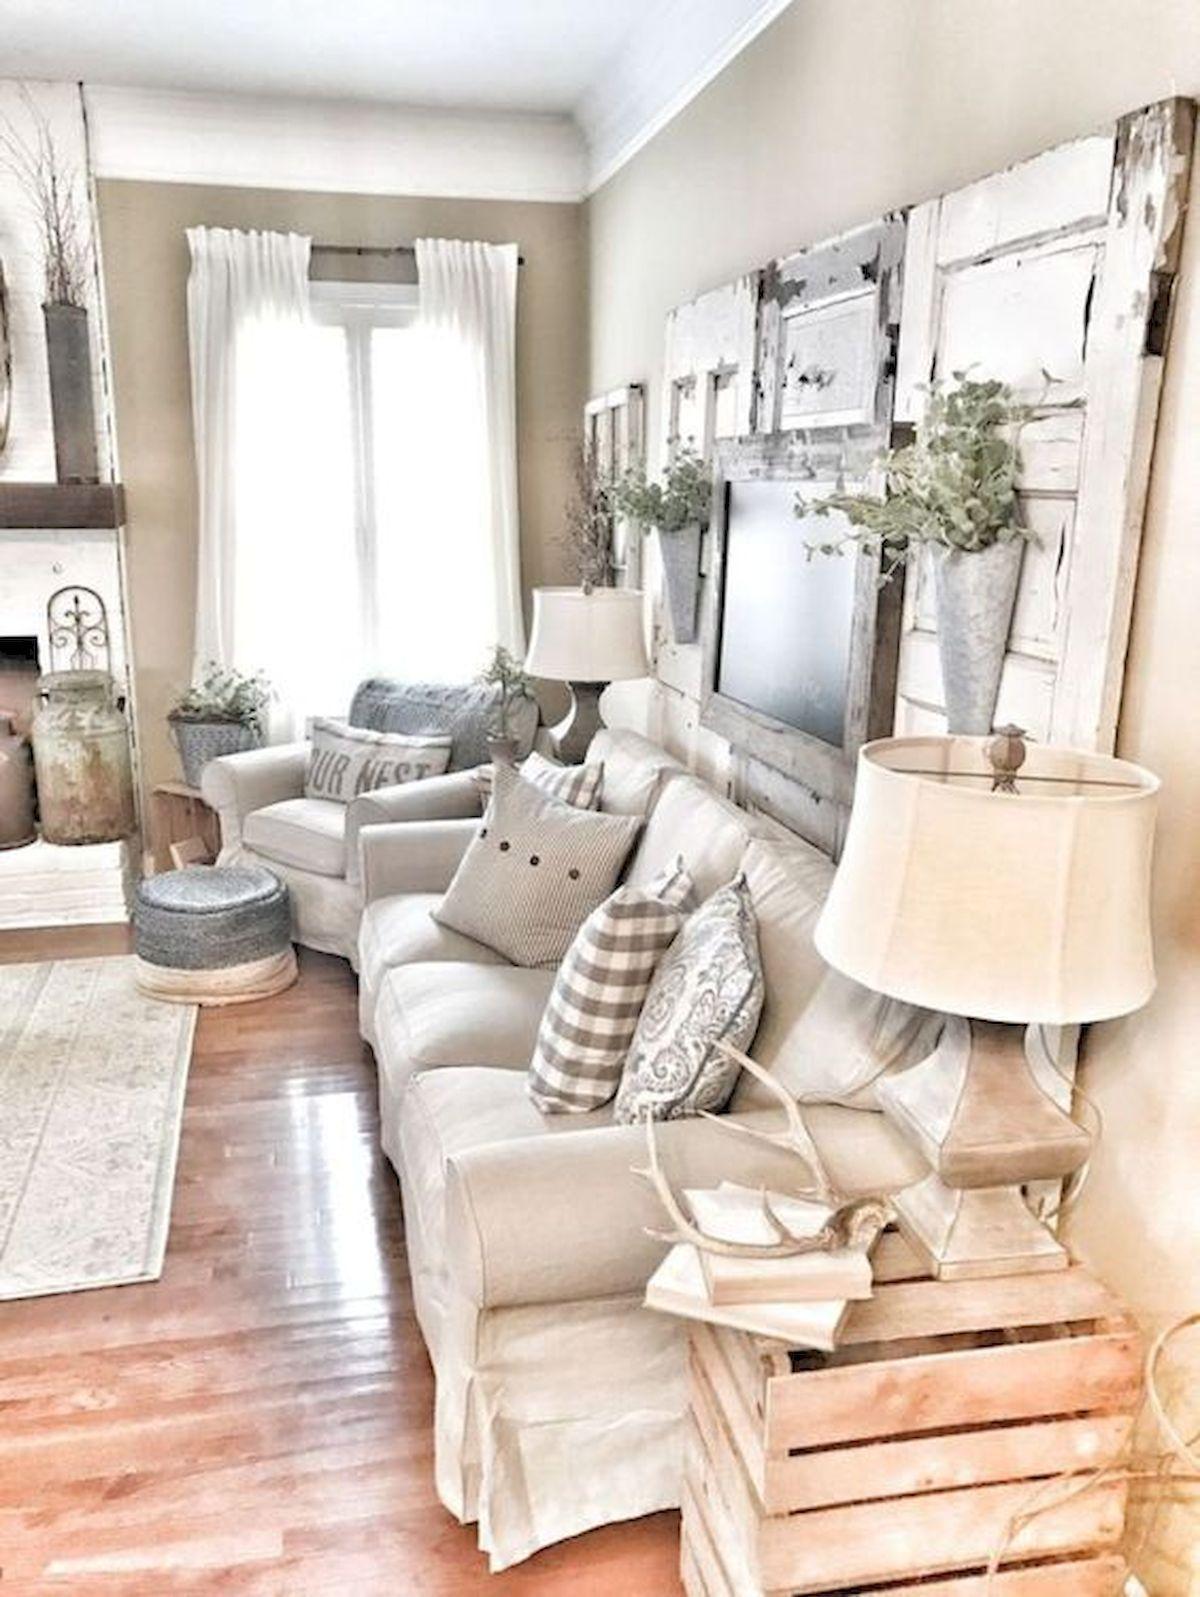 53 Cozy Living Room Decor Ideas To Make Anyone Feels At Home Matchness Com Farmhouse Decor Living Room Modern Farmhouse Living Room Decor Farm House Living Room